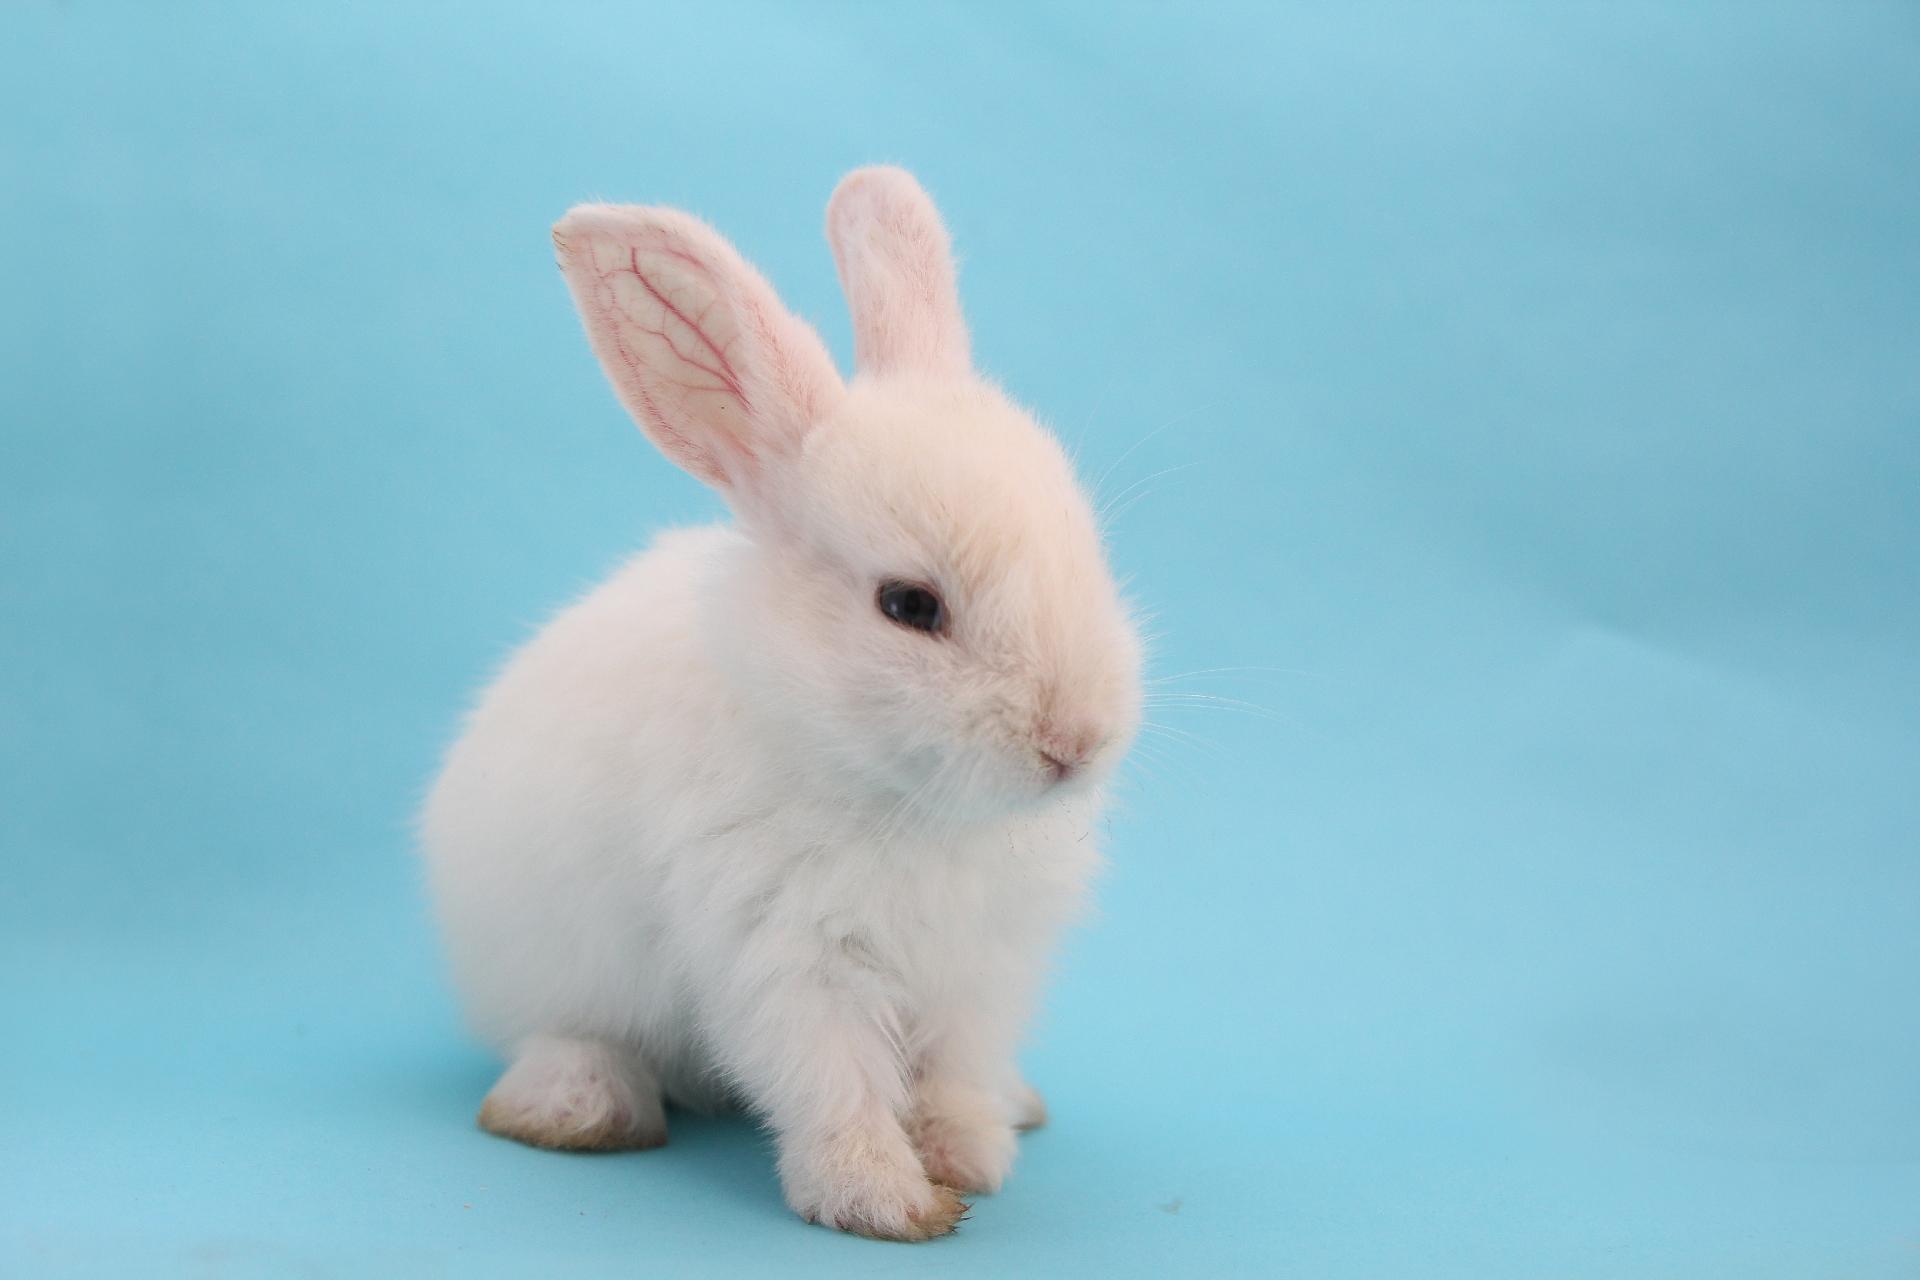 寂しいと死んでしまうウサギは本当にいるの?-ウサギの飼い方について